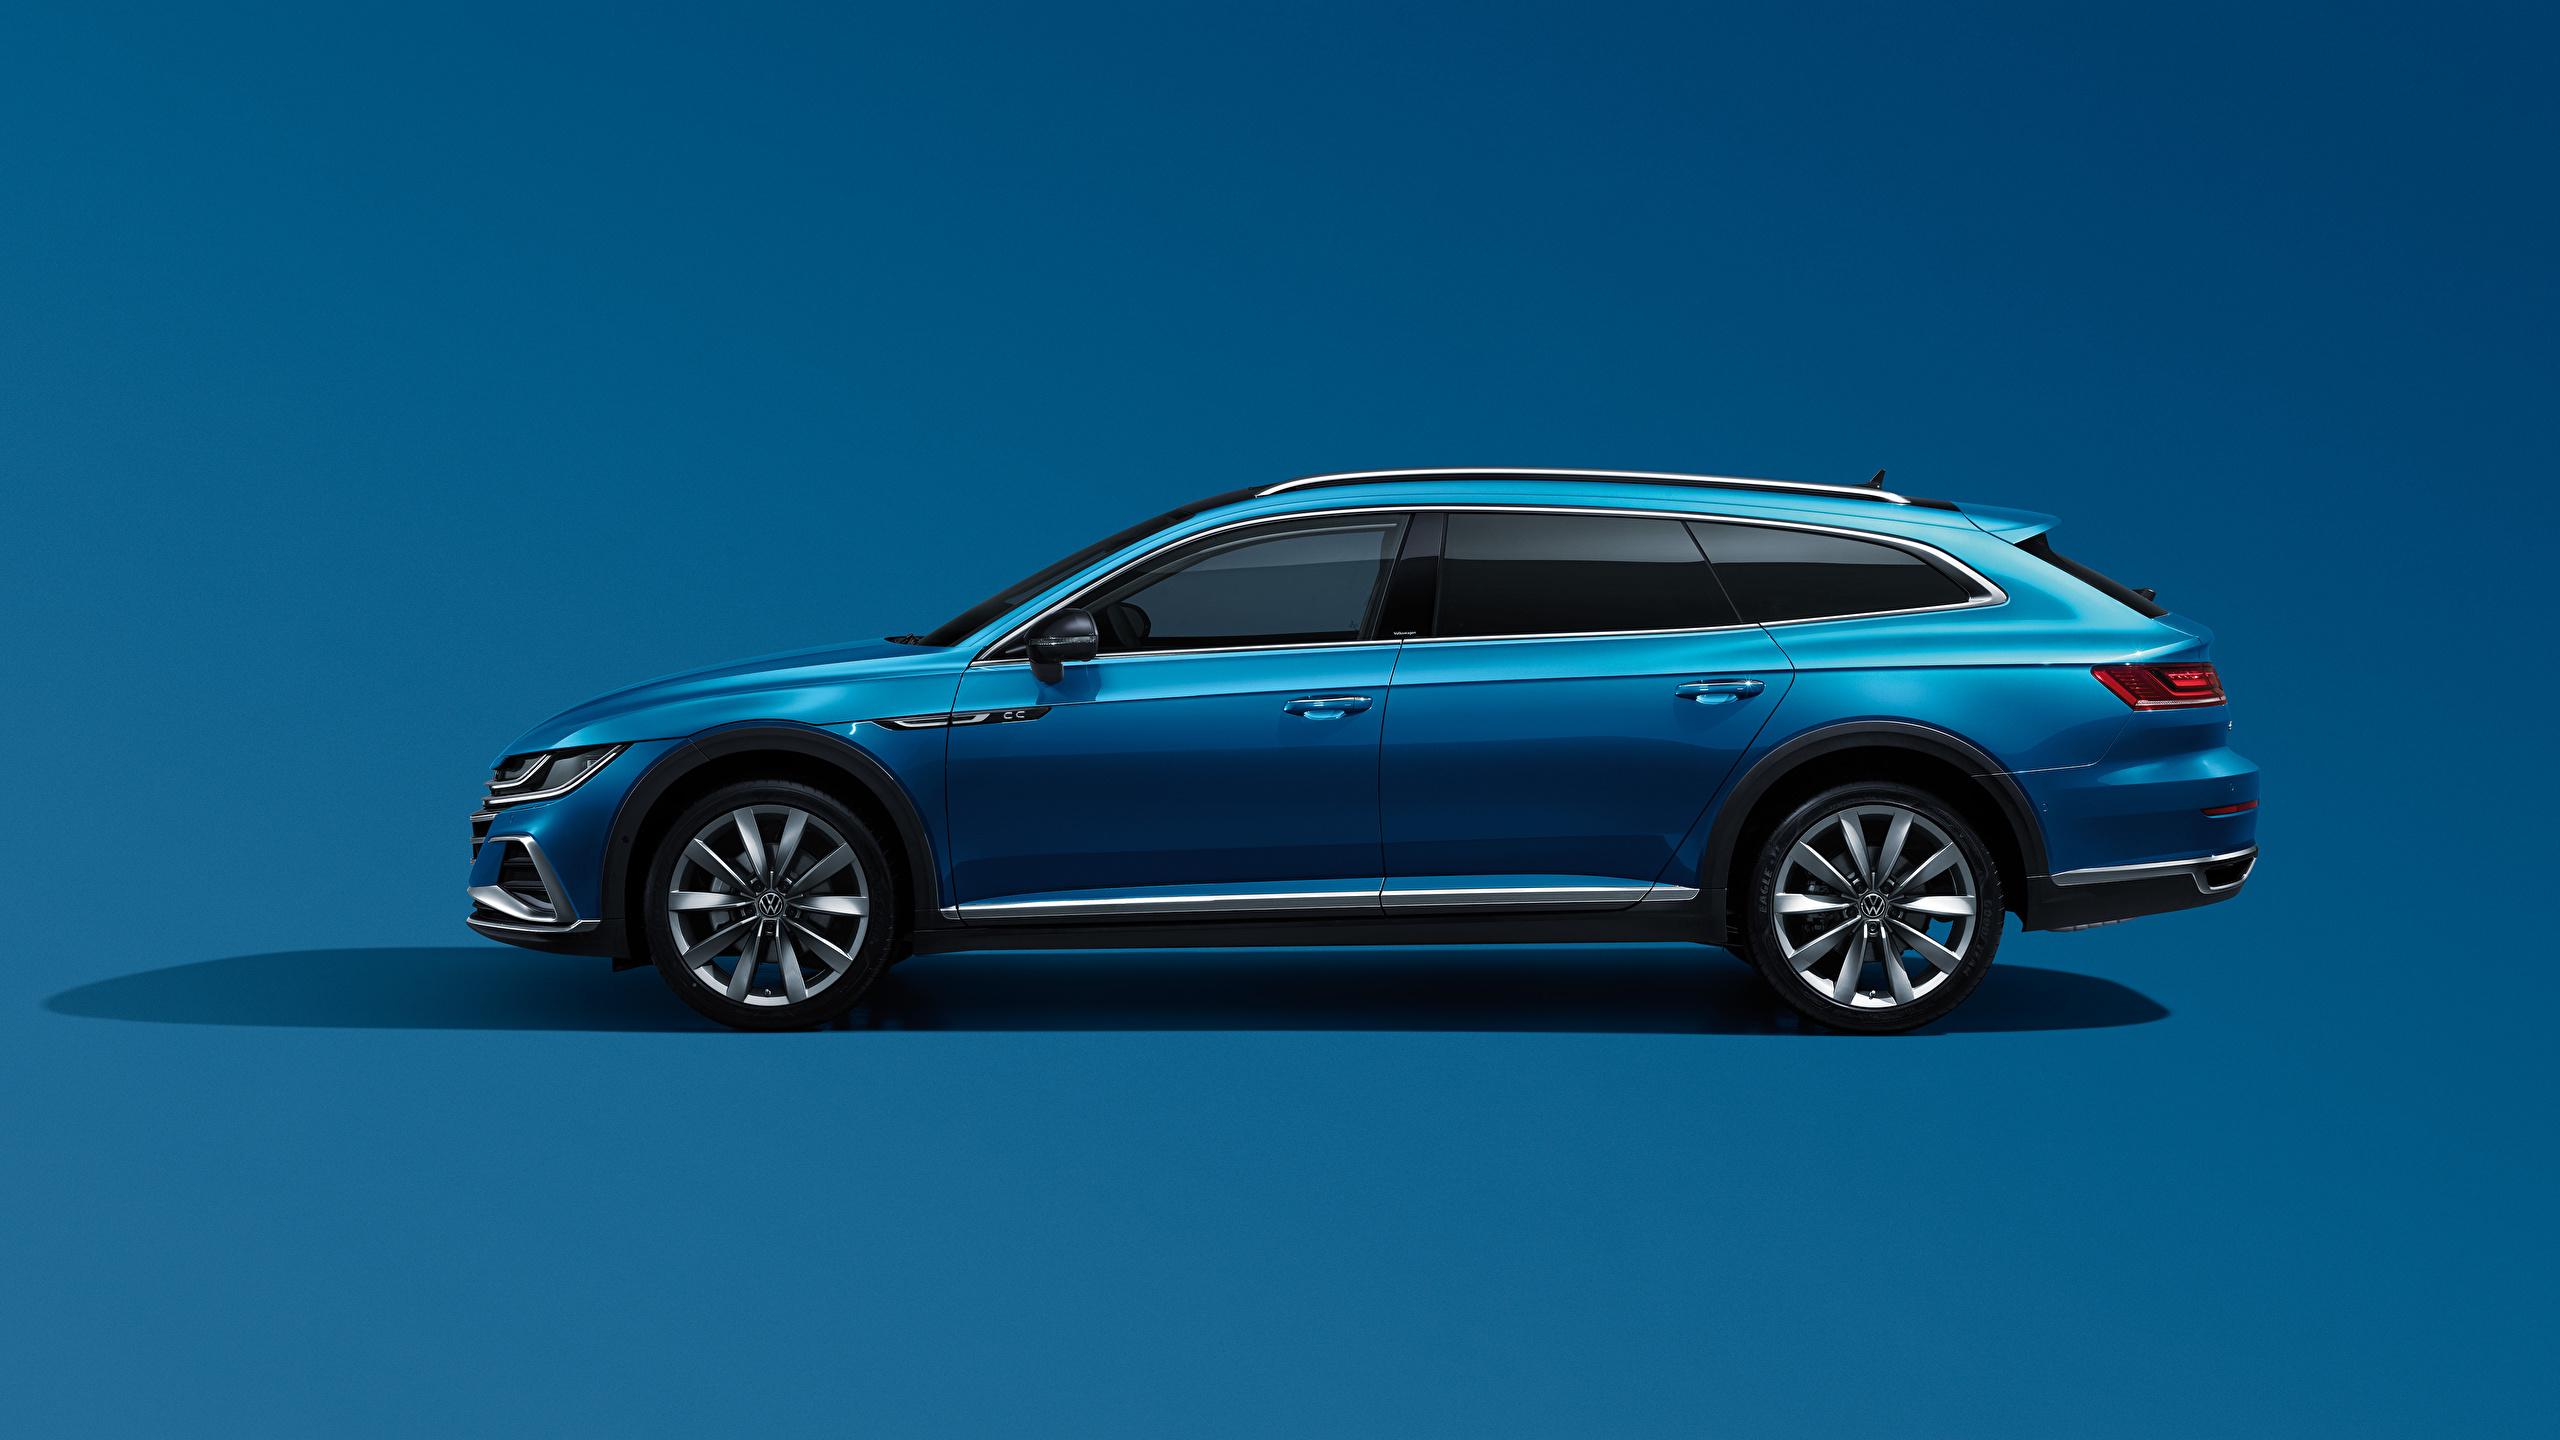 Desktop Hintergrundbilder Volkswagen Kombi CC Shooting Brake 380 TSI, China, 2020 Blau Autos Seitlich Metallisch Farbigen hintergrund 2560x1440 auto automobil